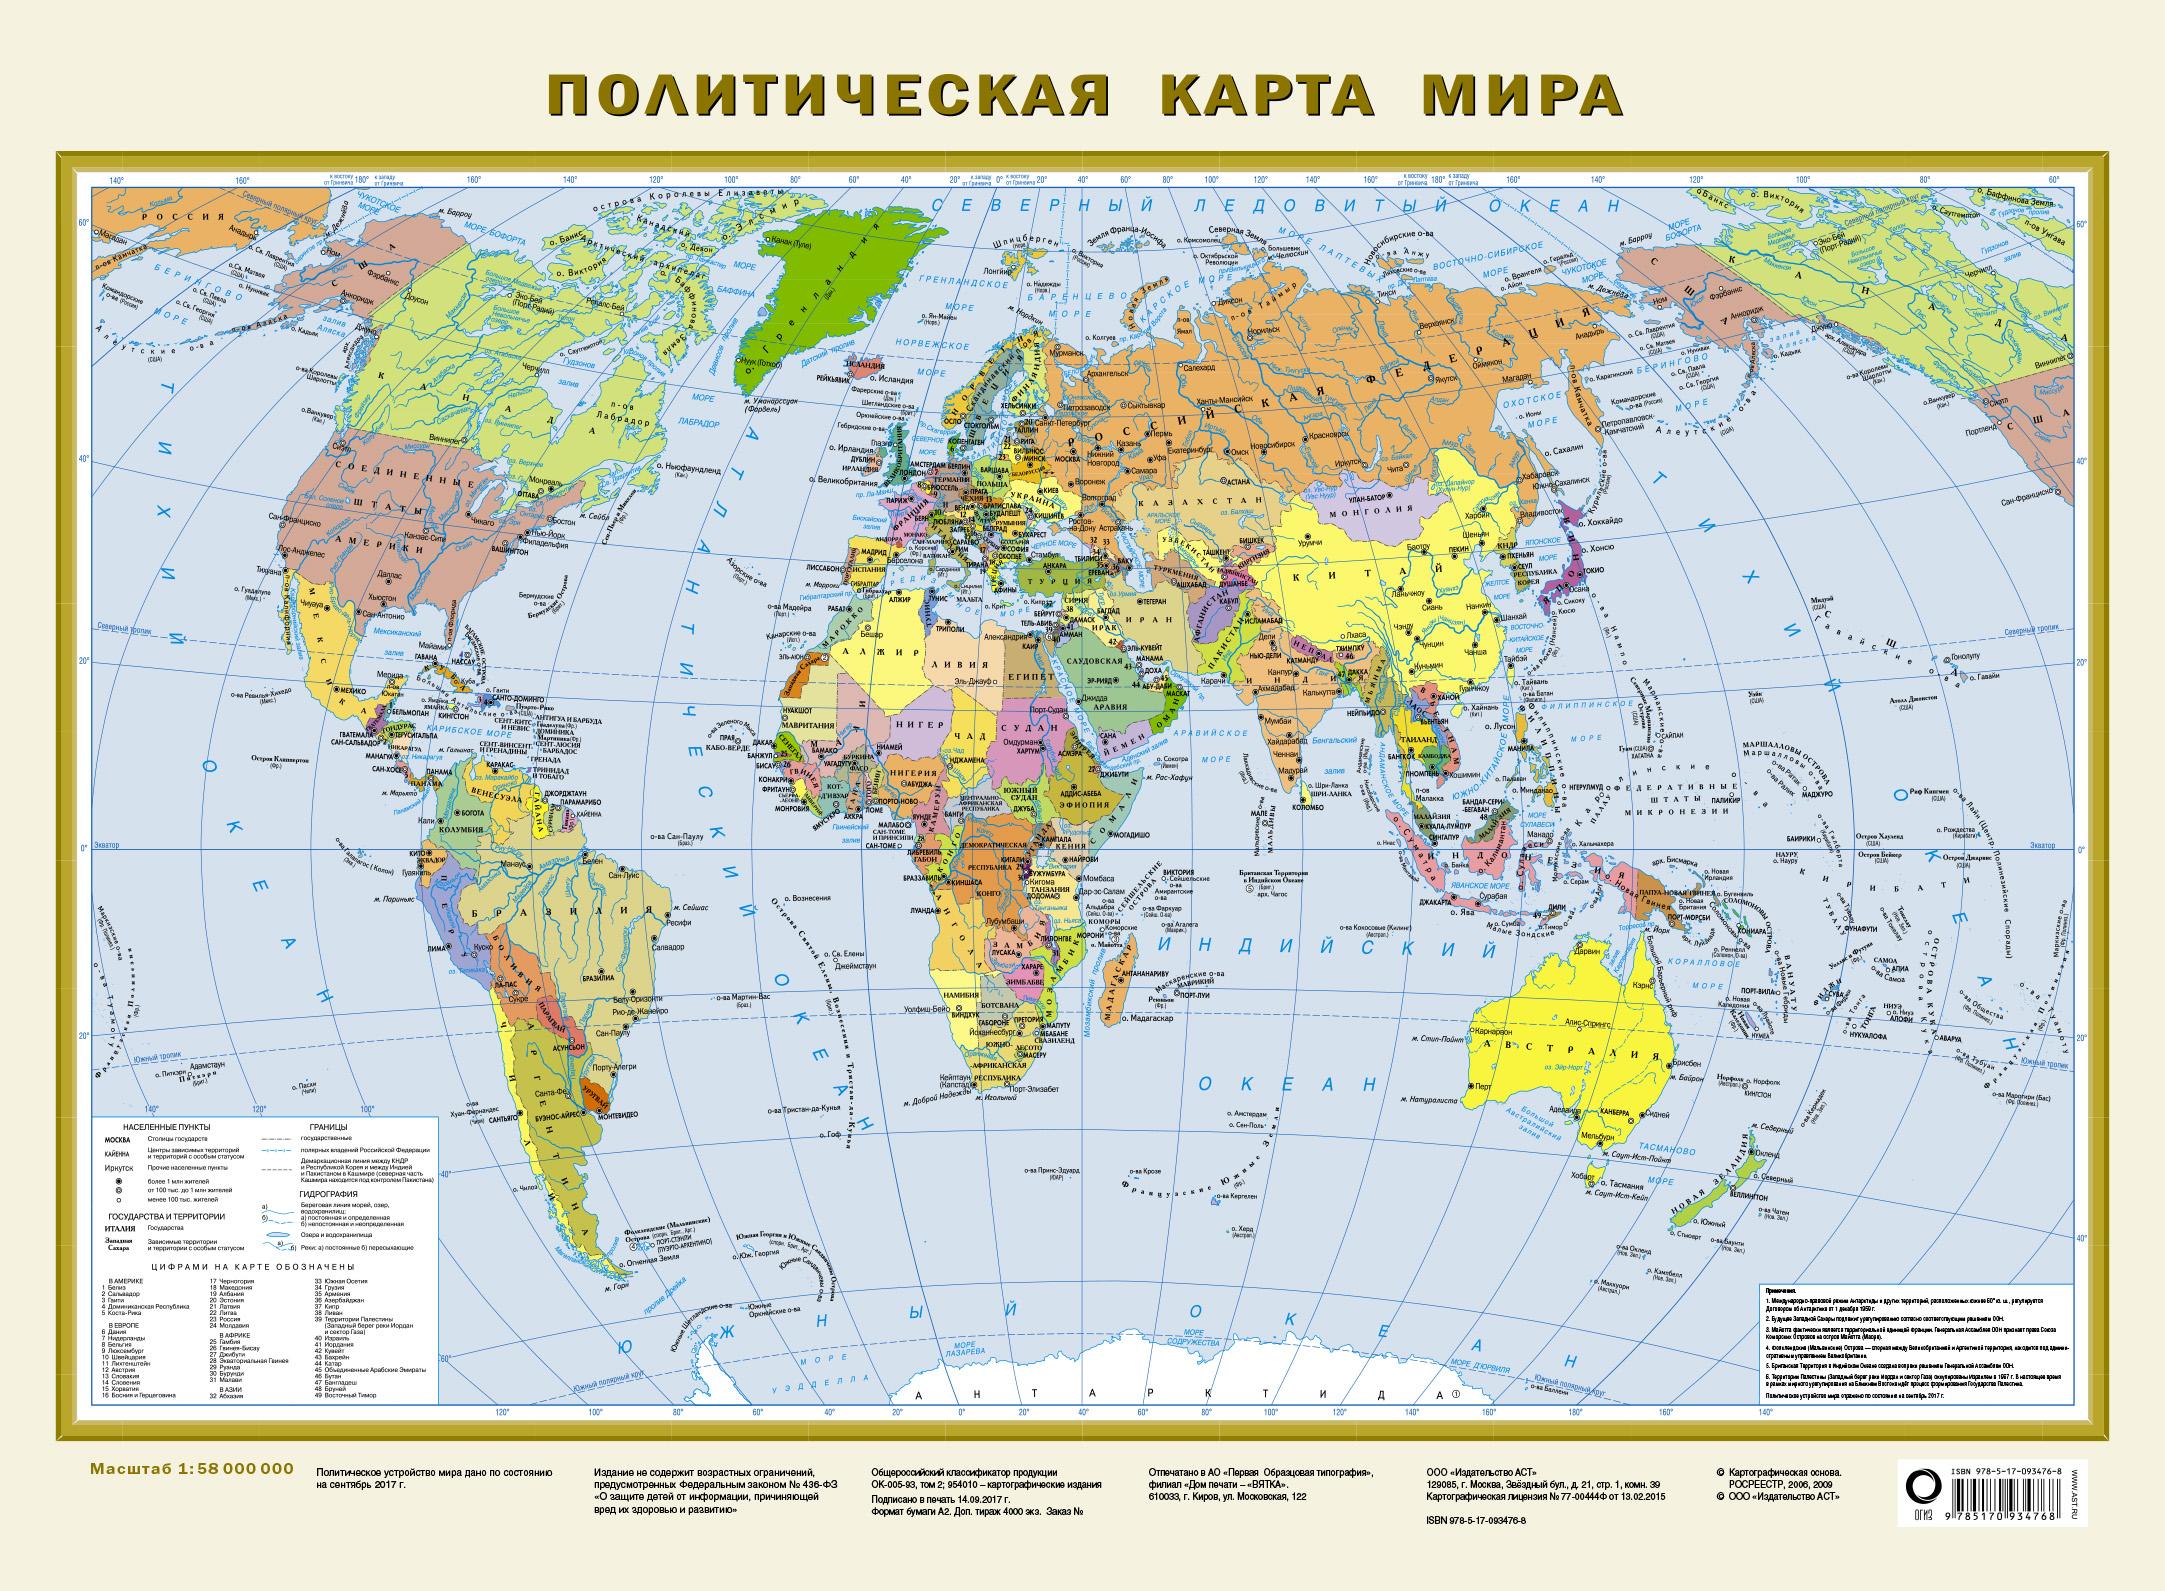 Политическая карта мира. Федеративное устройство России А 2